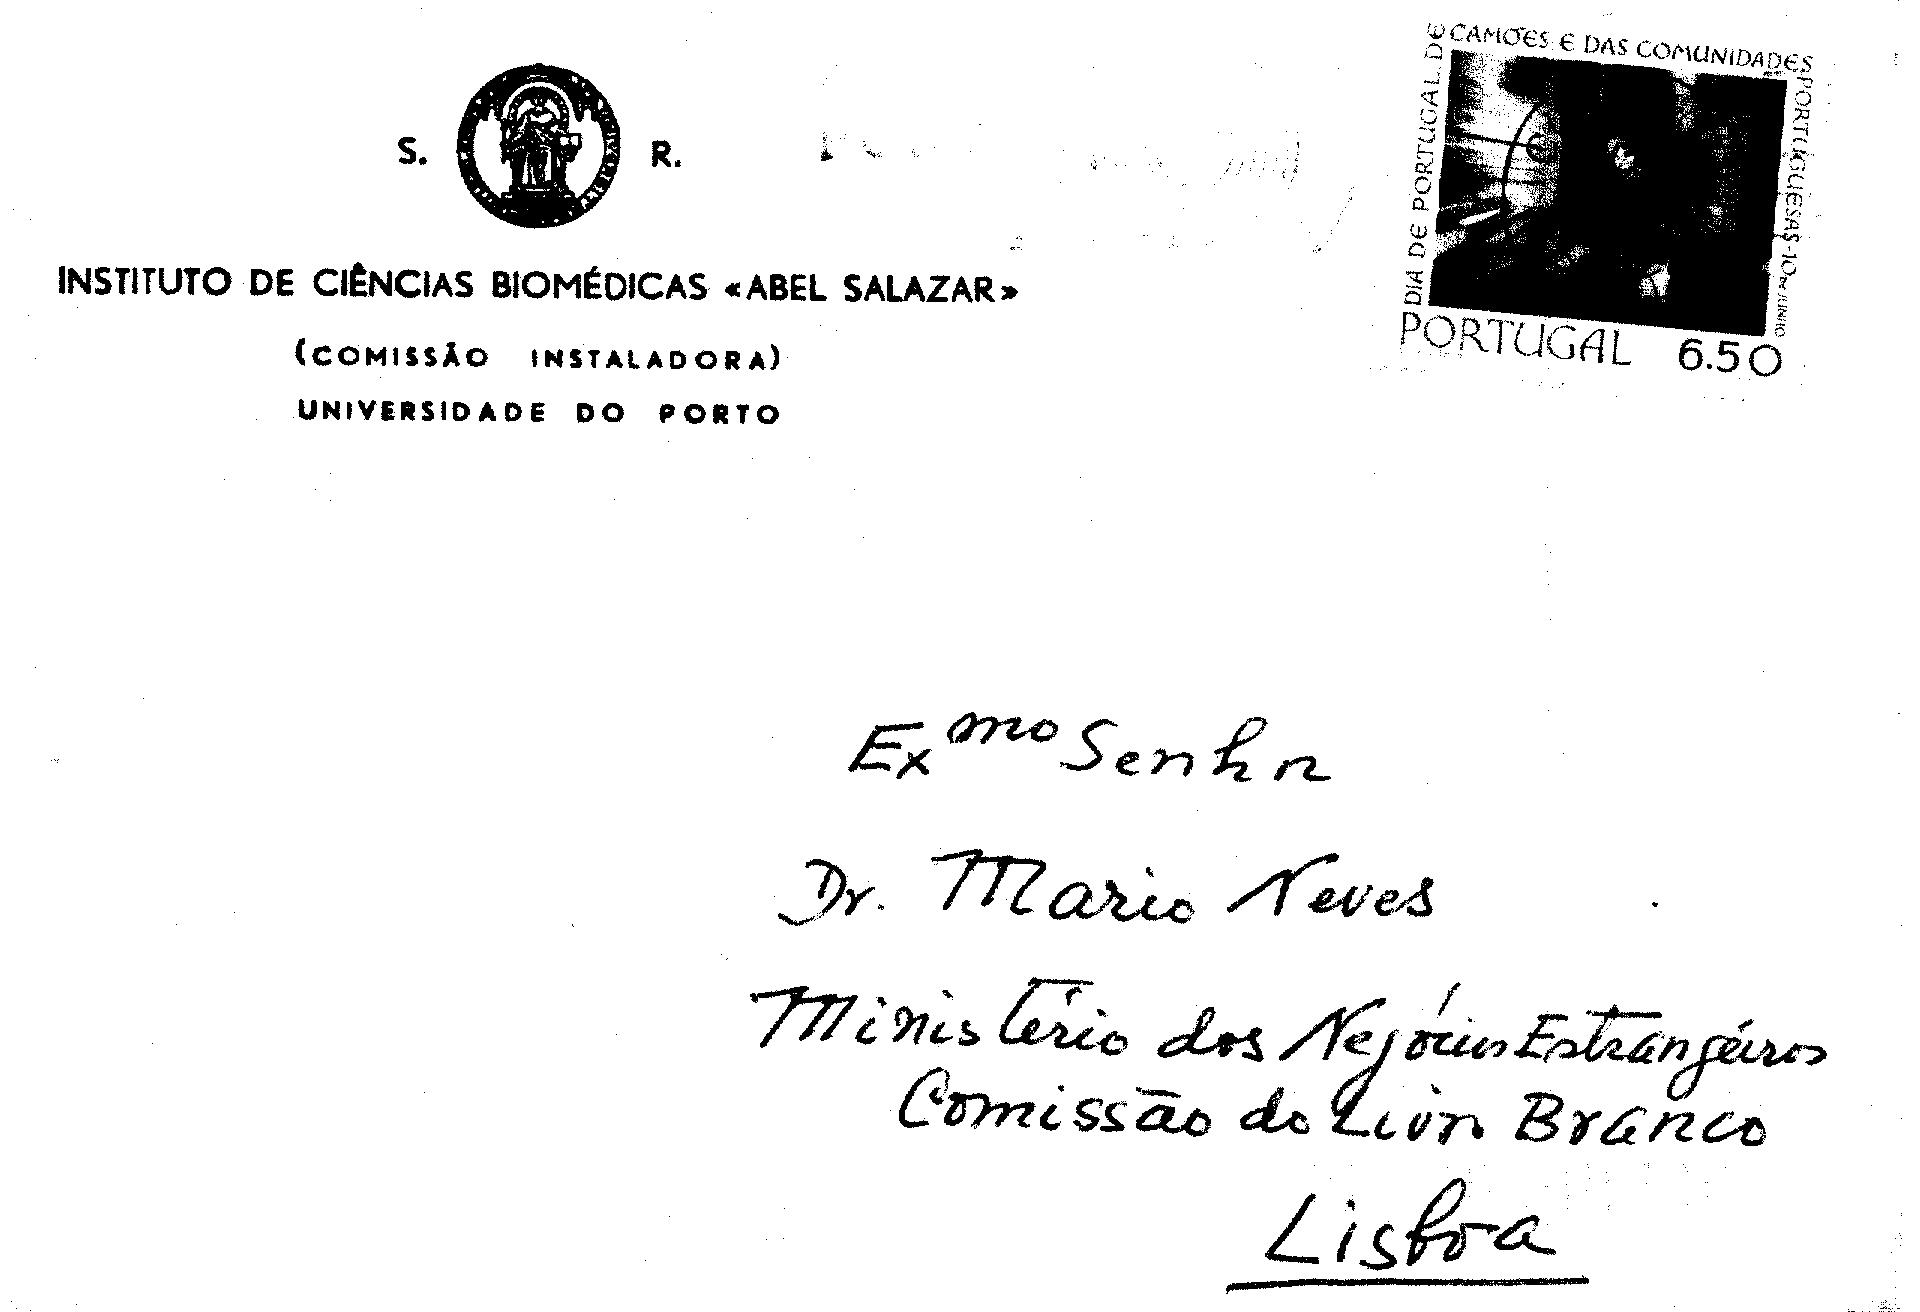 04546.029.004- pag.1